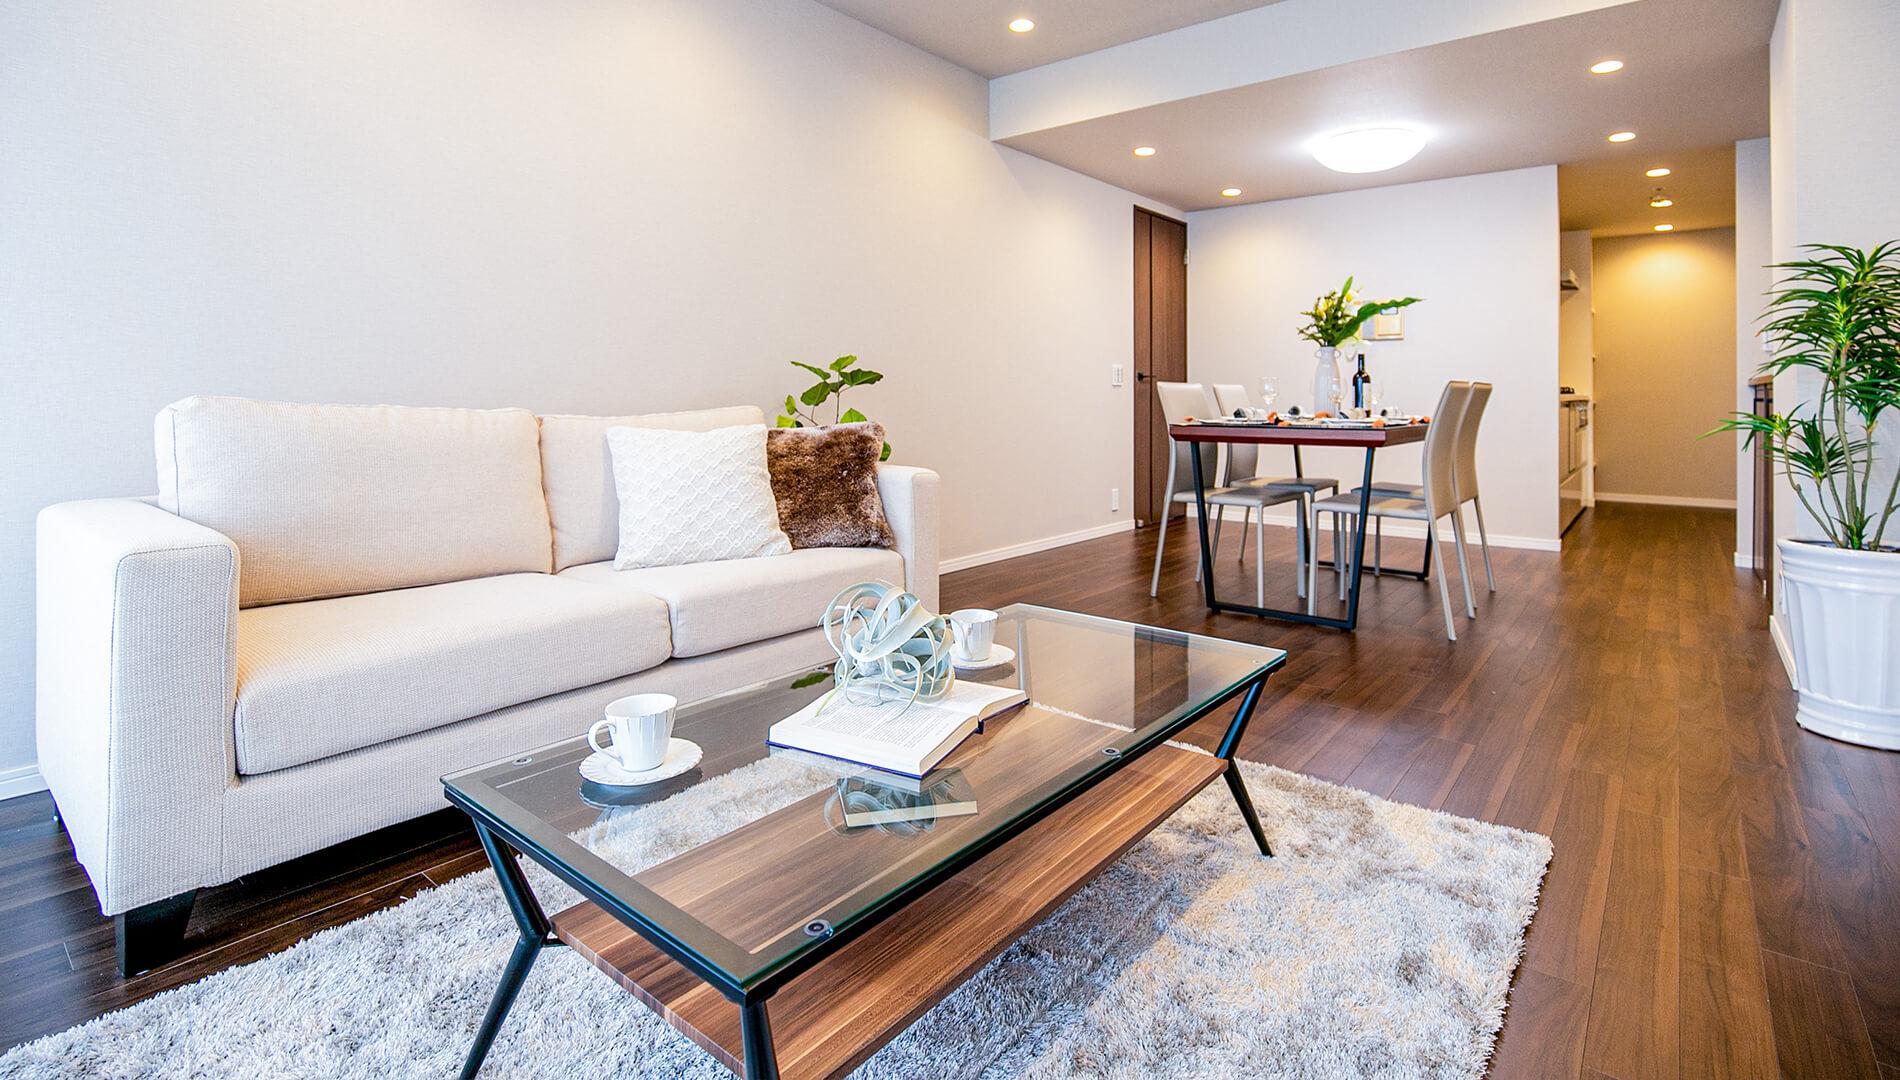 武蔵小山 ホワイトとブラウンで統一された家具付き物件